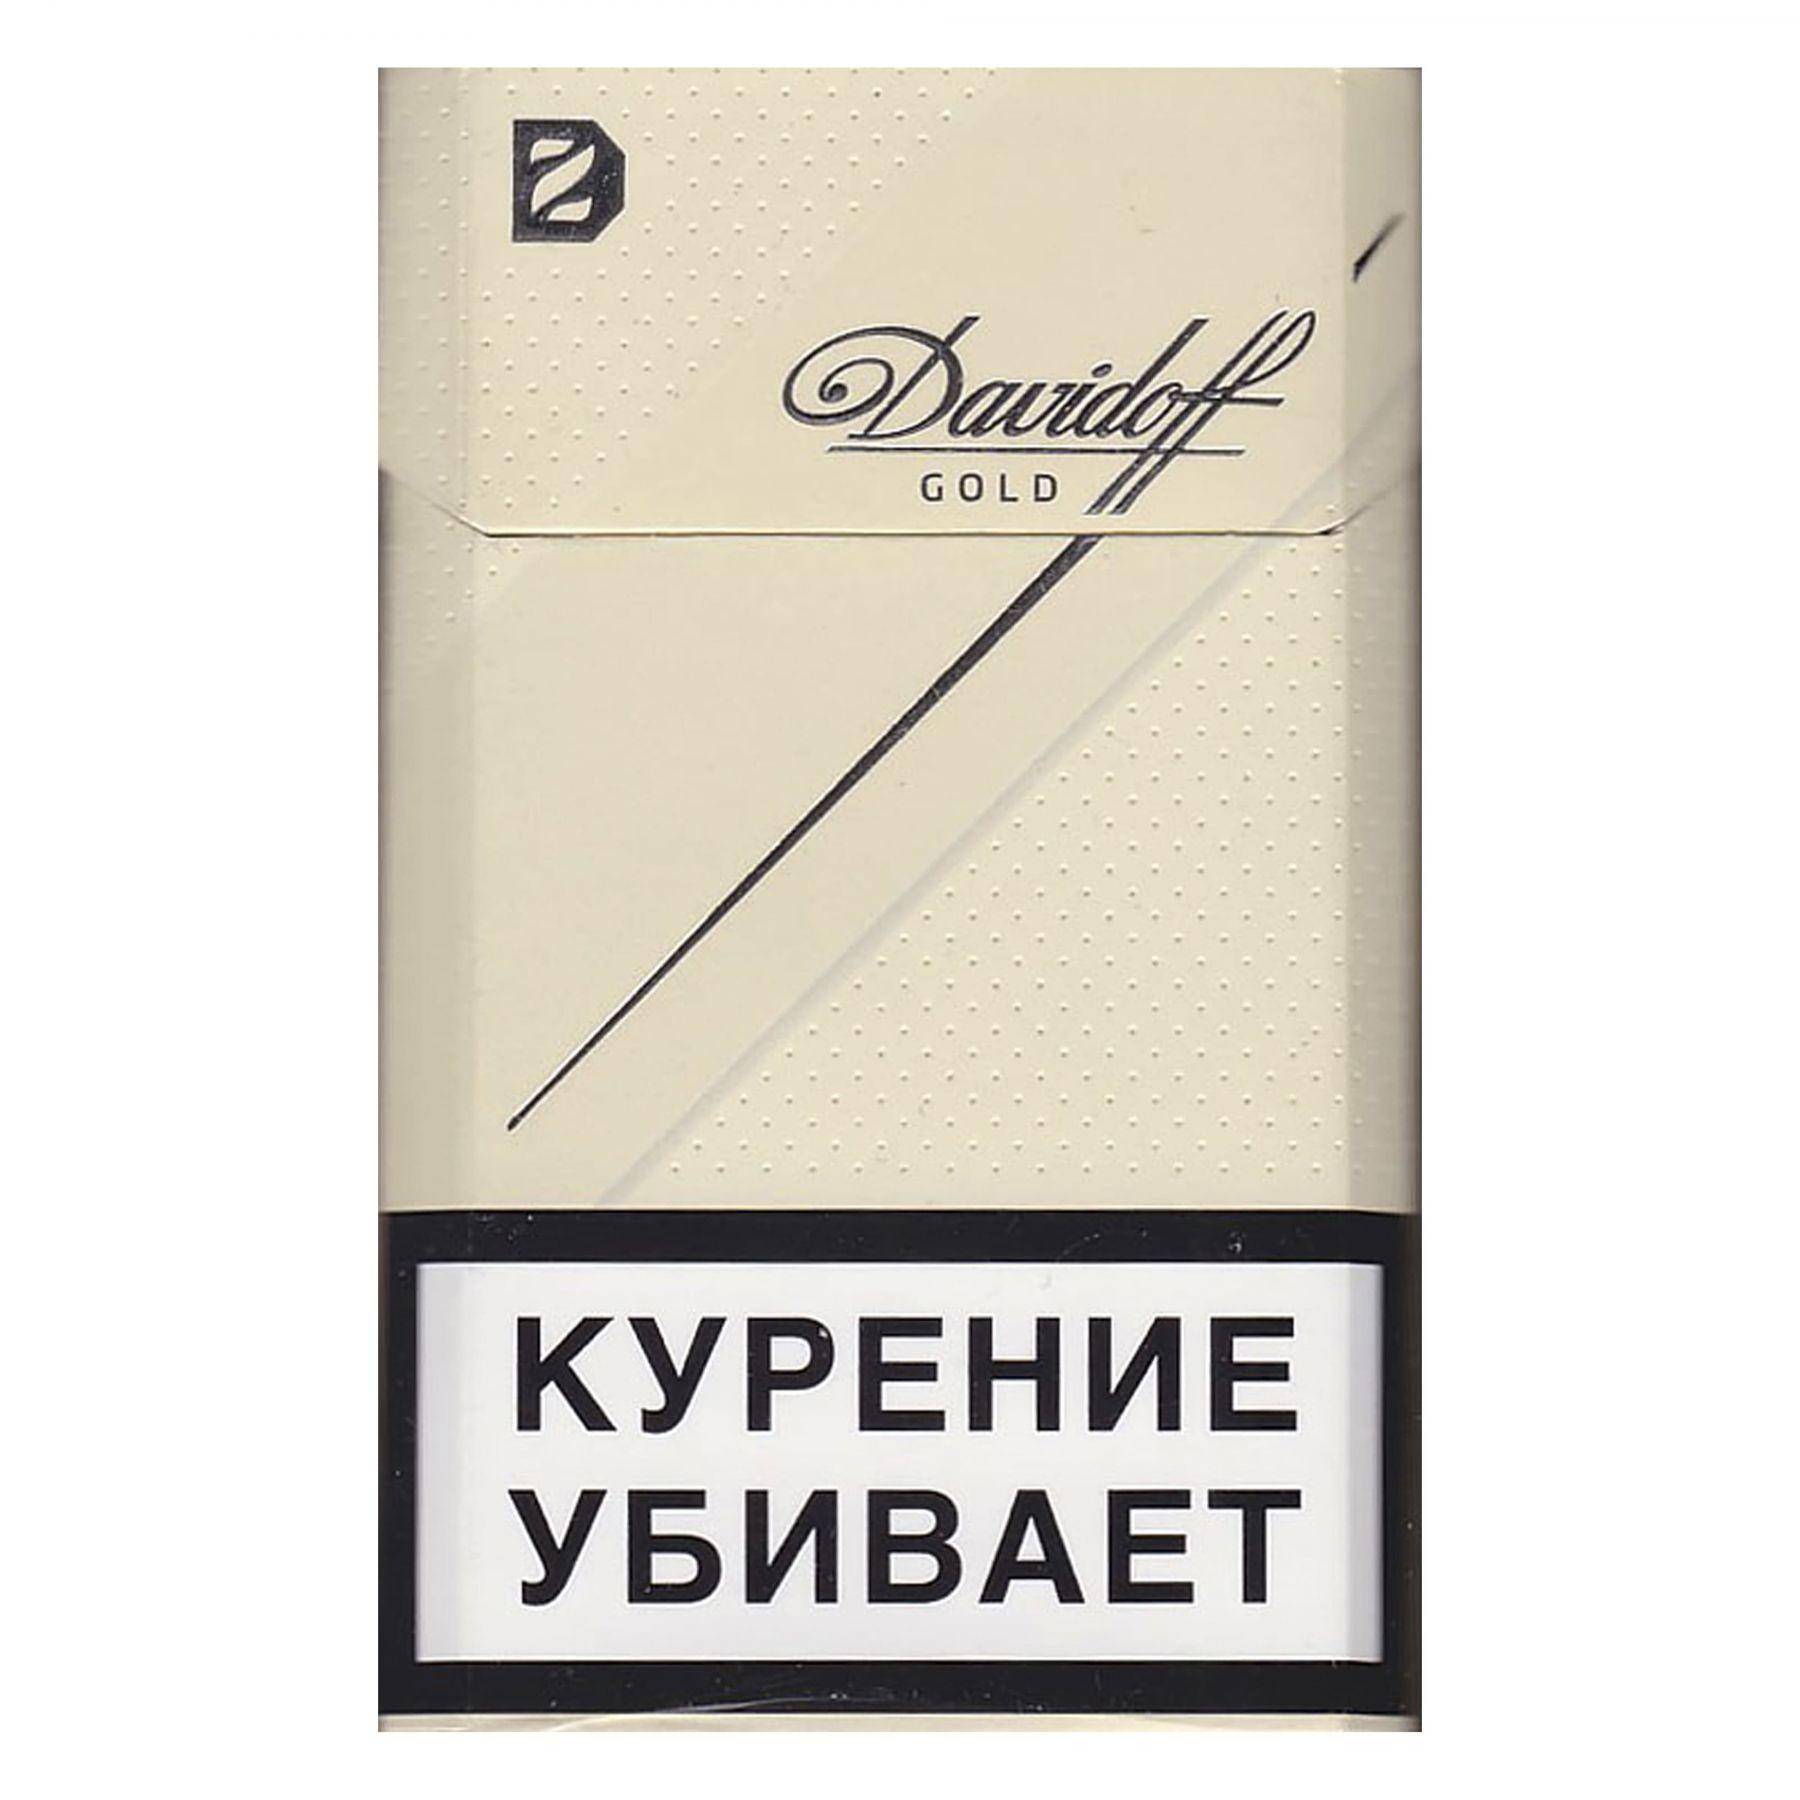 Купить сигареты давыдов спб продажа сигарет опт как бизнес